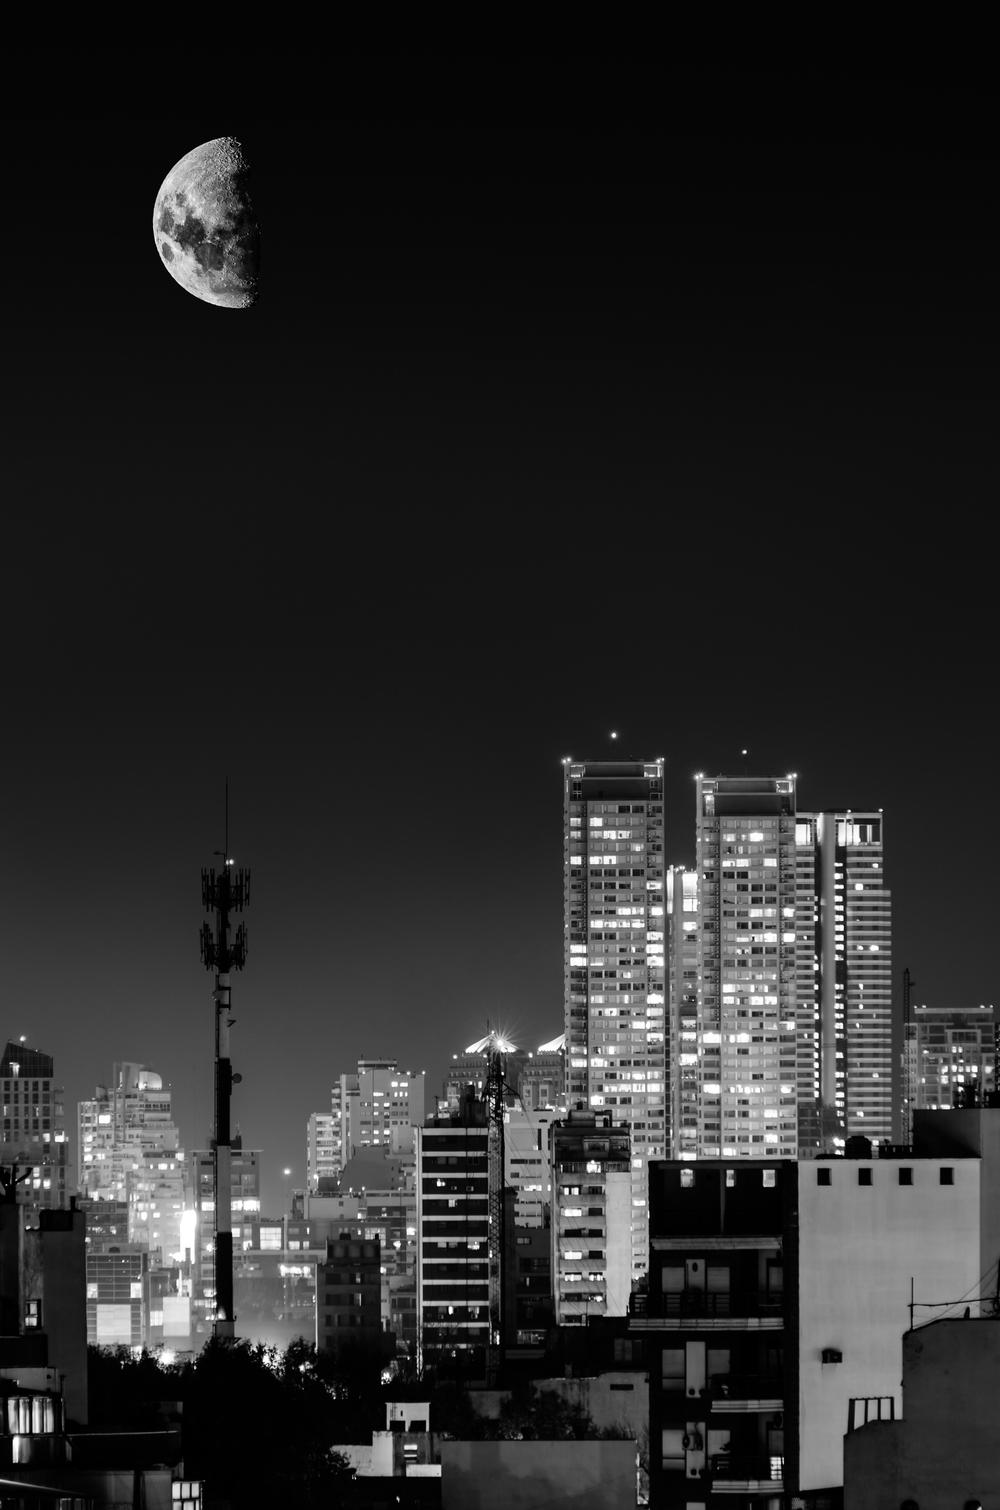 Half moon - Buenos Aires, Argentina.